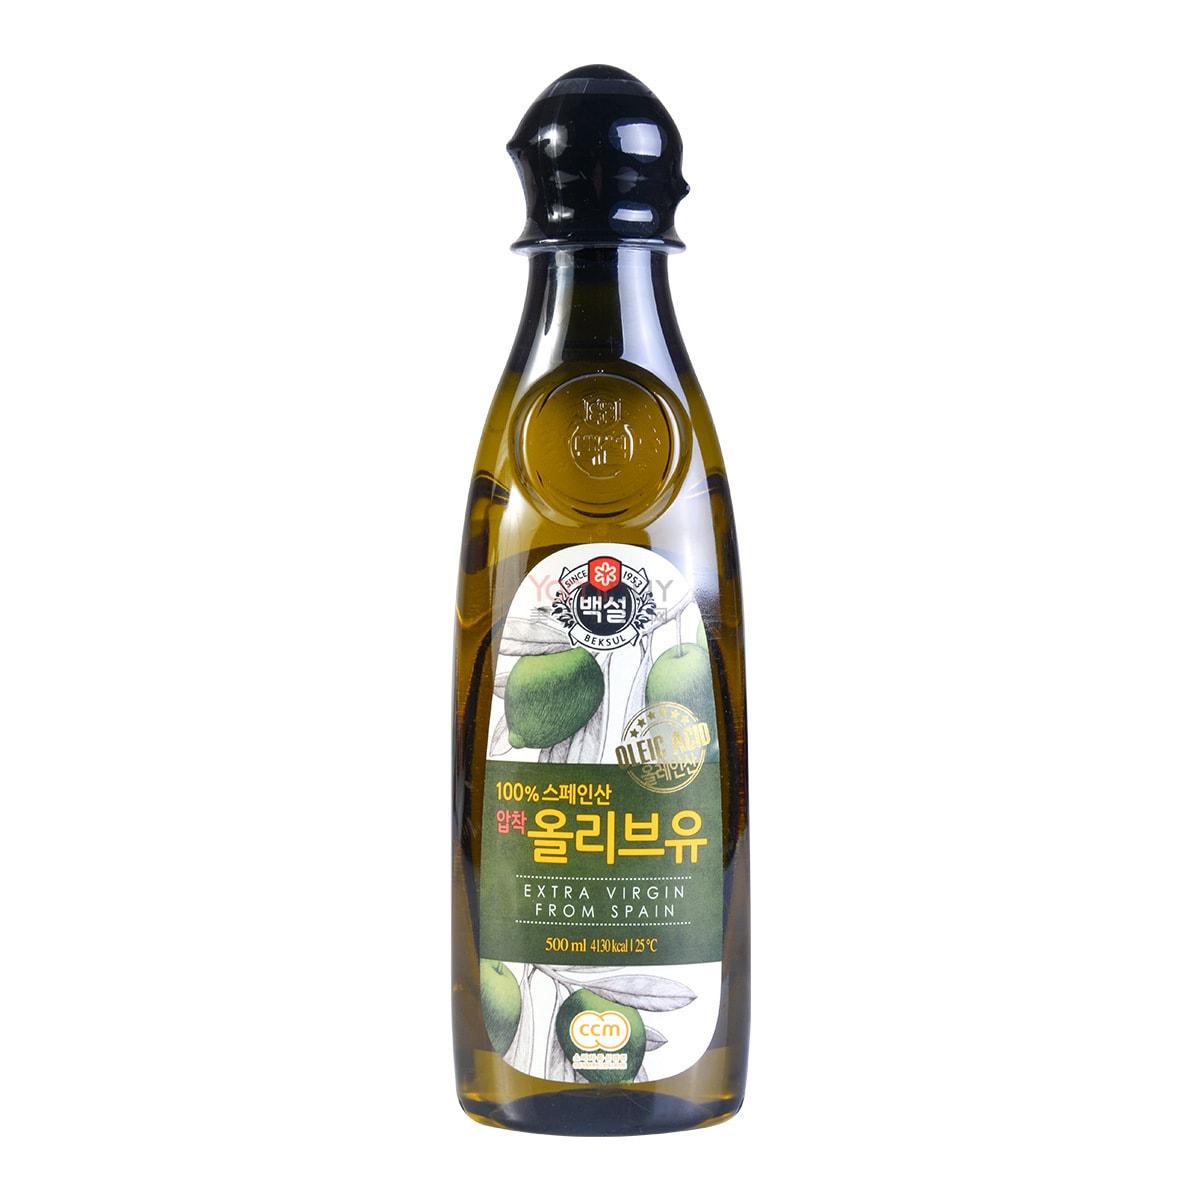 韩国CJ希杰 西班牙特级初榨橄榄油 500ml